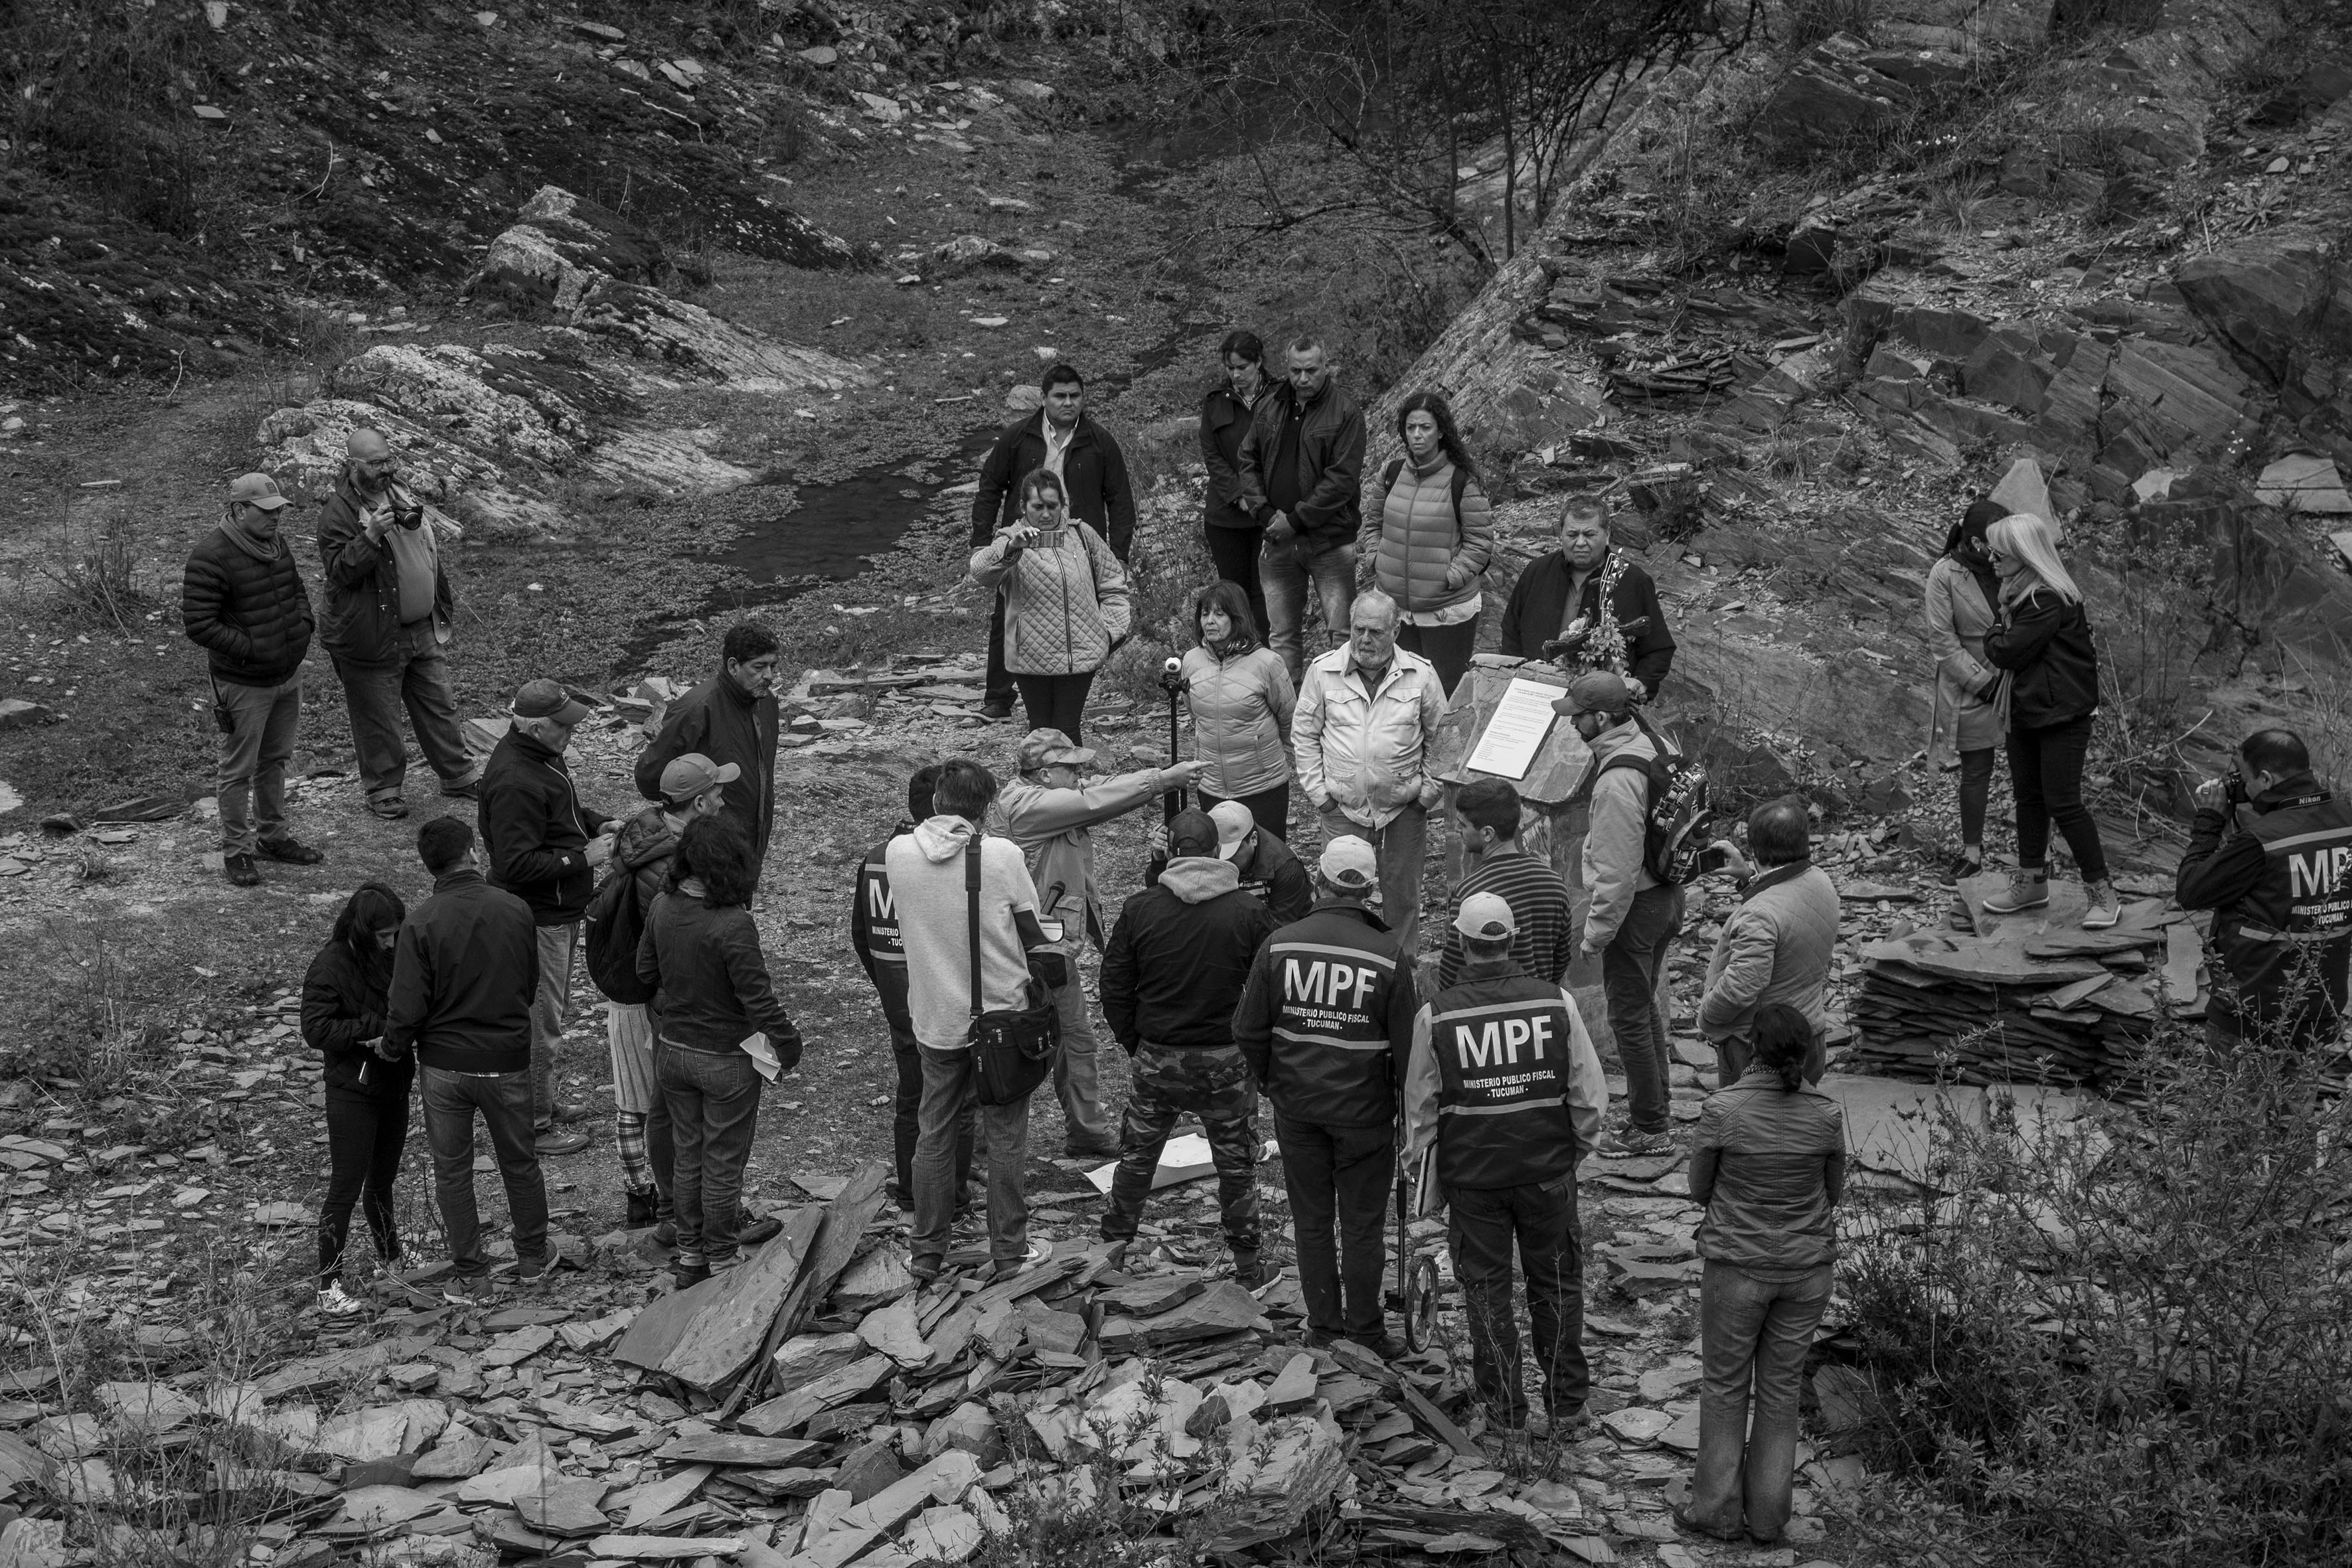 El Chorro, Tucumán, Argentina. Octubre 02/2018. Reconstrucción del asesinato a Javier Chocobar. El imputado Luis Humberto Gómez (centro-de gorra) da su versión de los hechos.